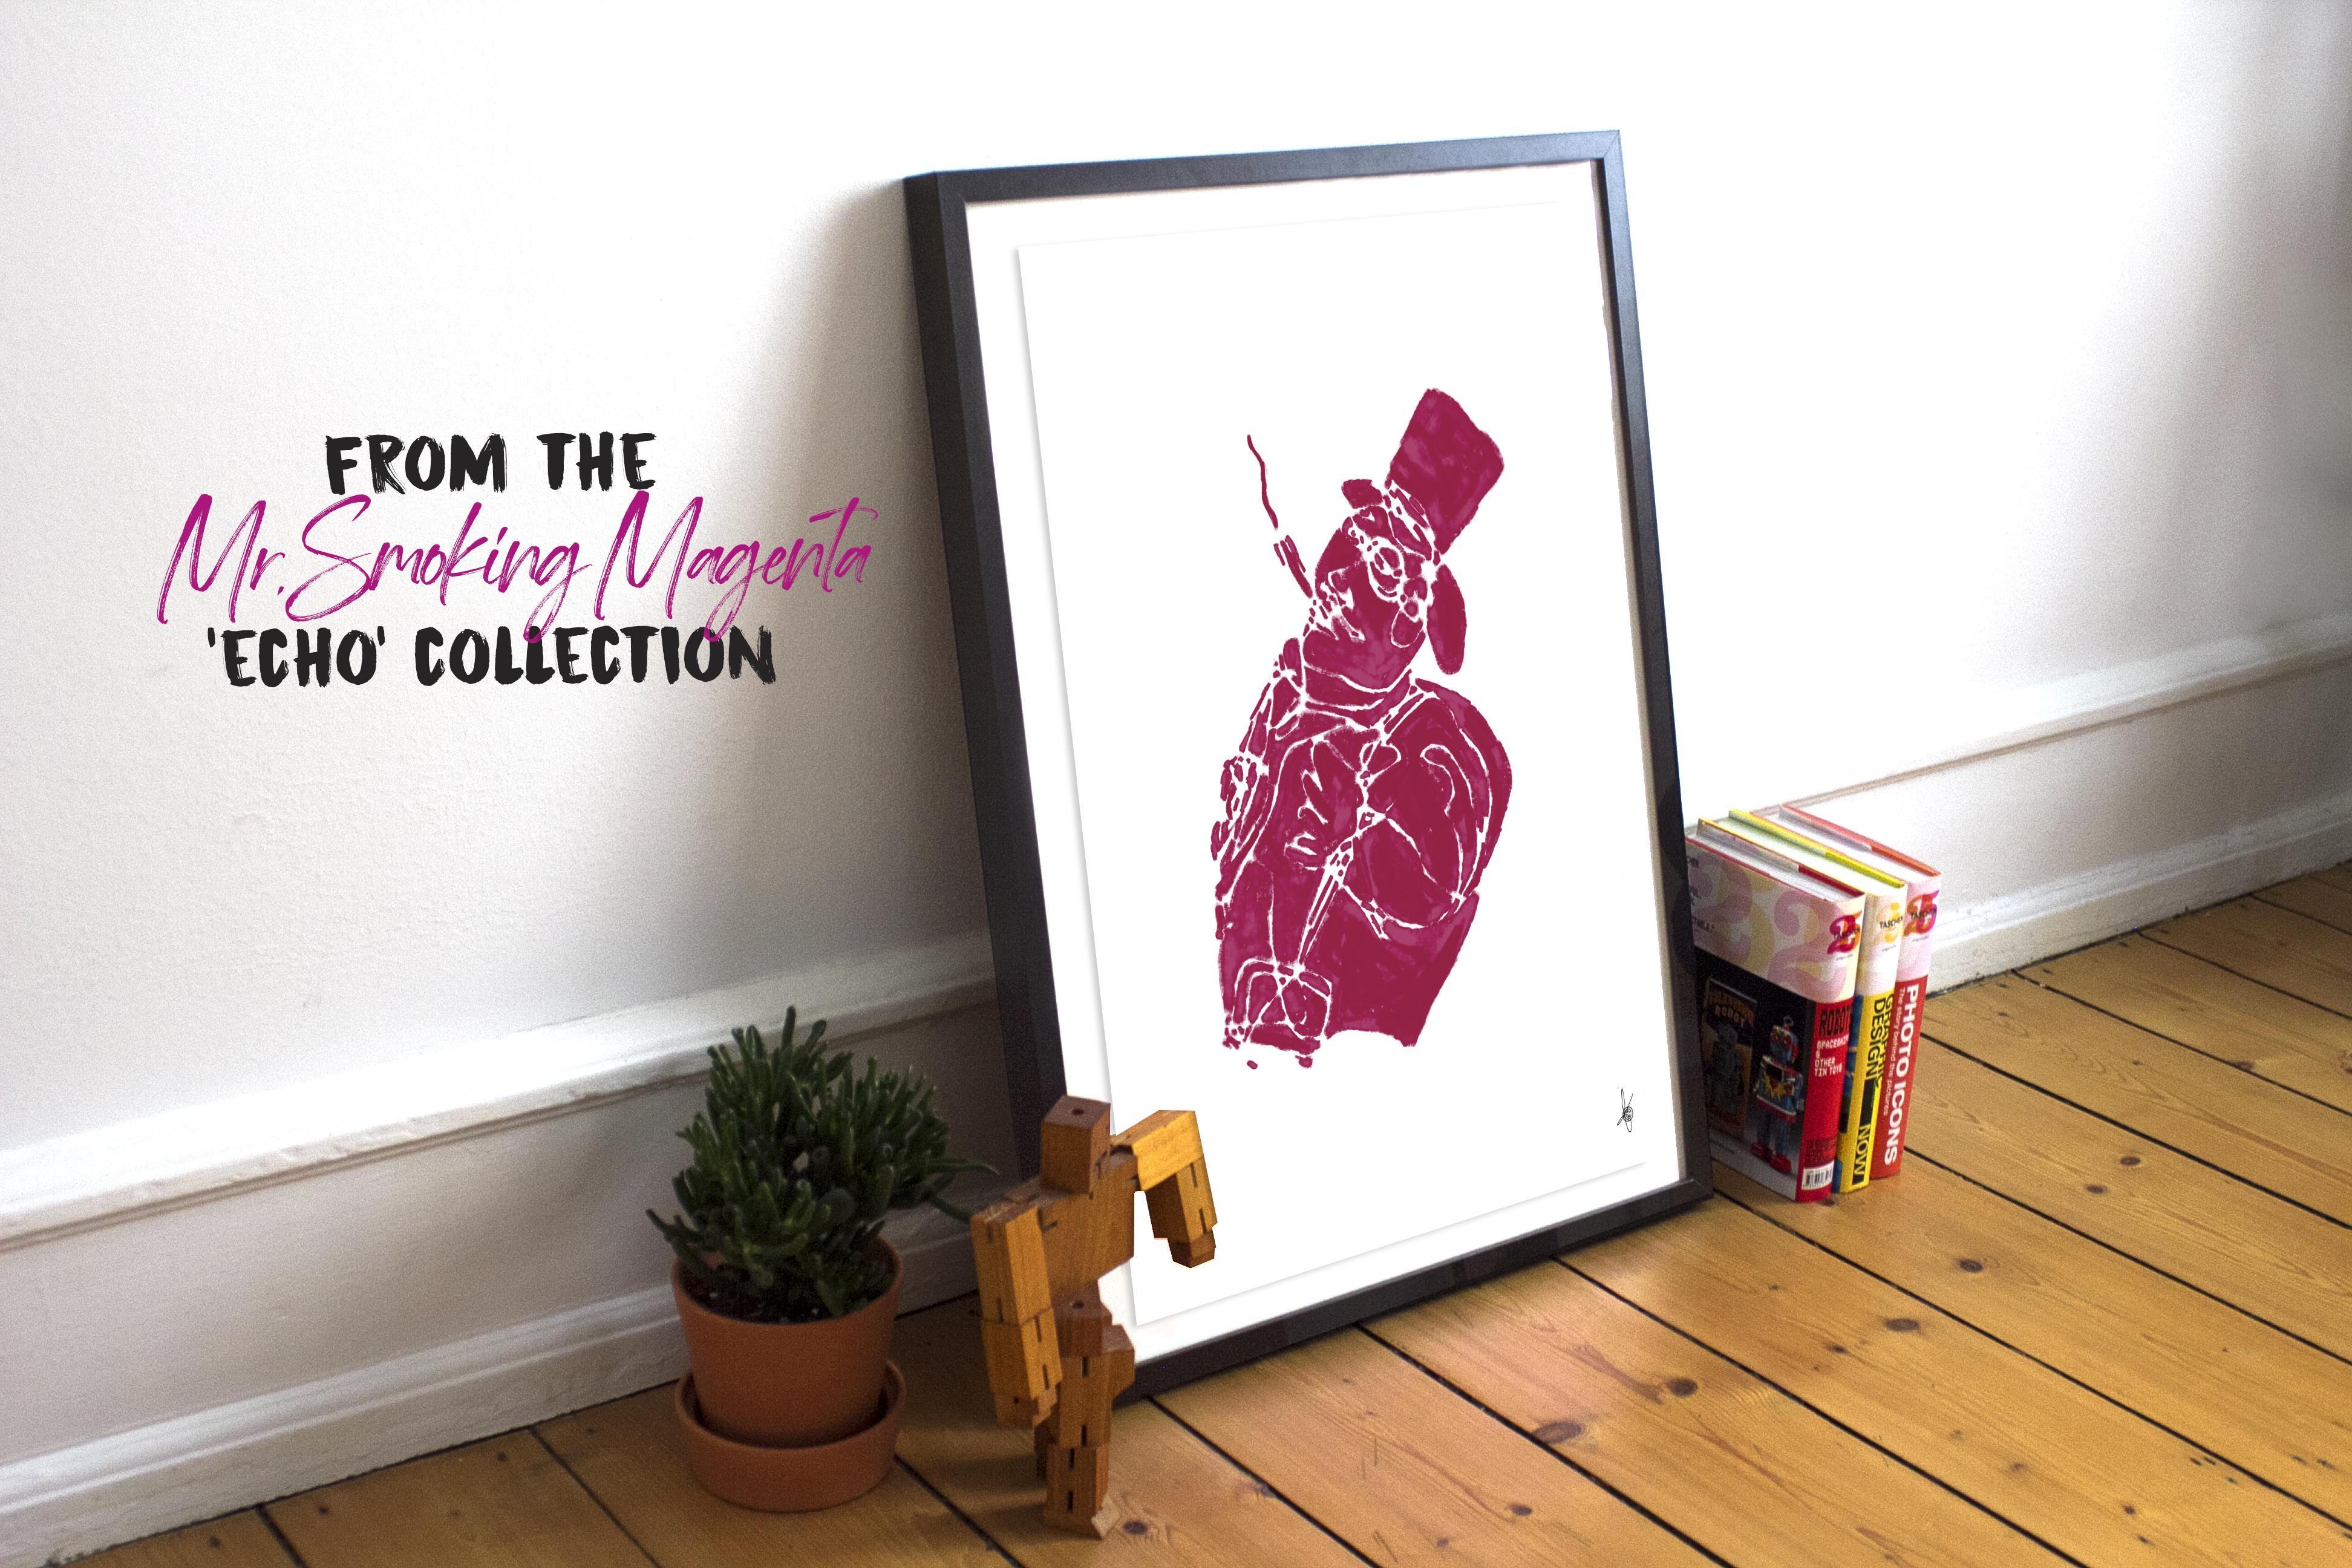 mr-smoking-magenta-artwork-poster